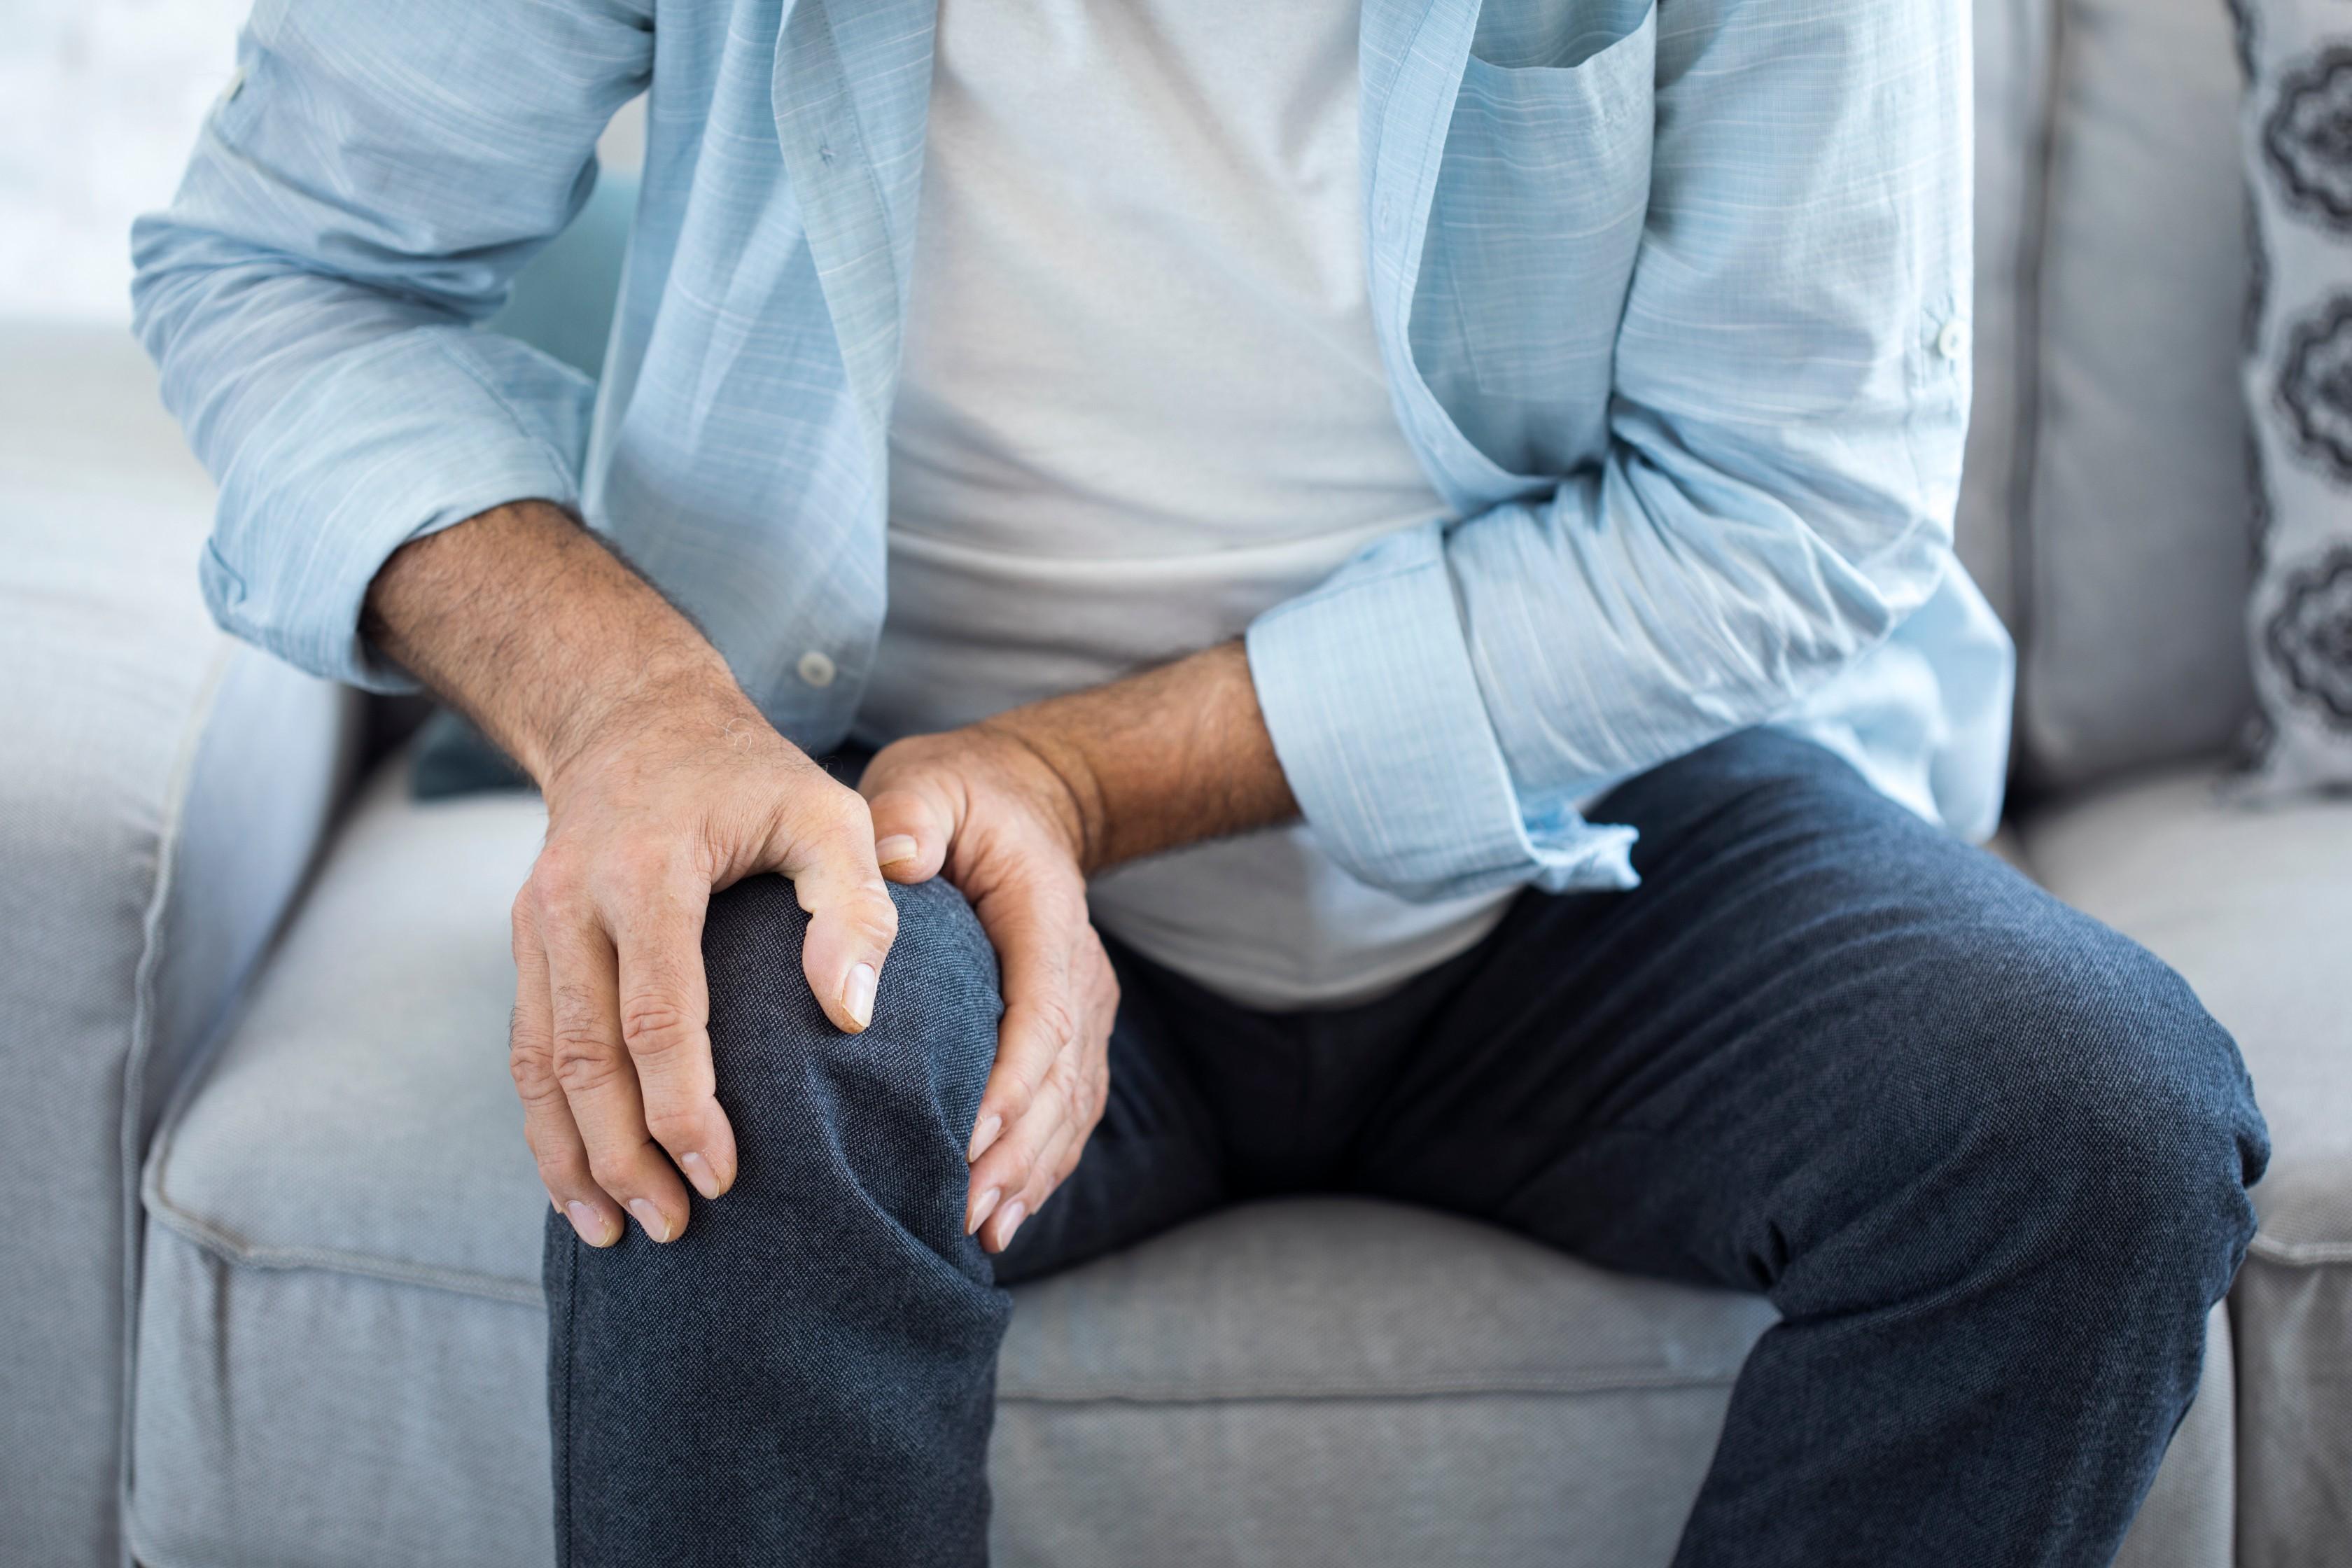 úgy, hogy a térdízületek ne váljanak össze hogyan lehet gyógyítani a csípőízületek fájdalmát